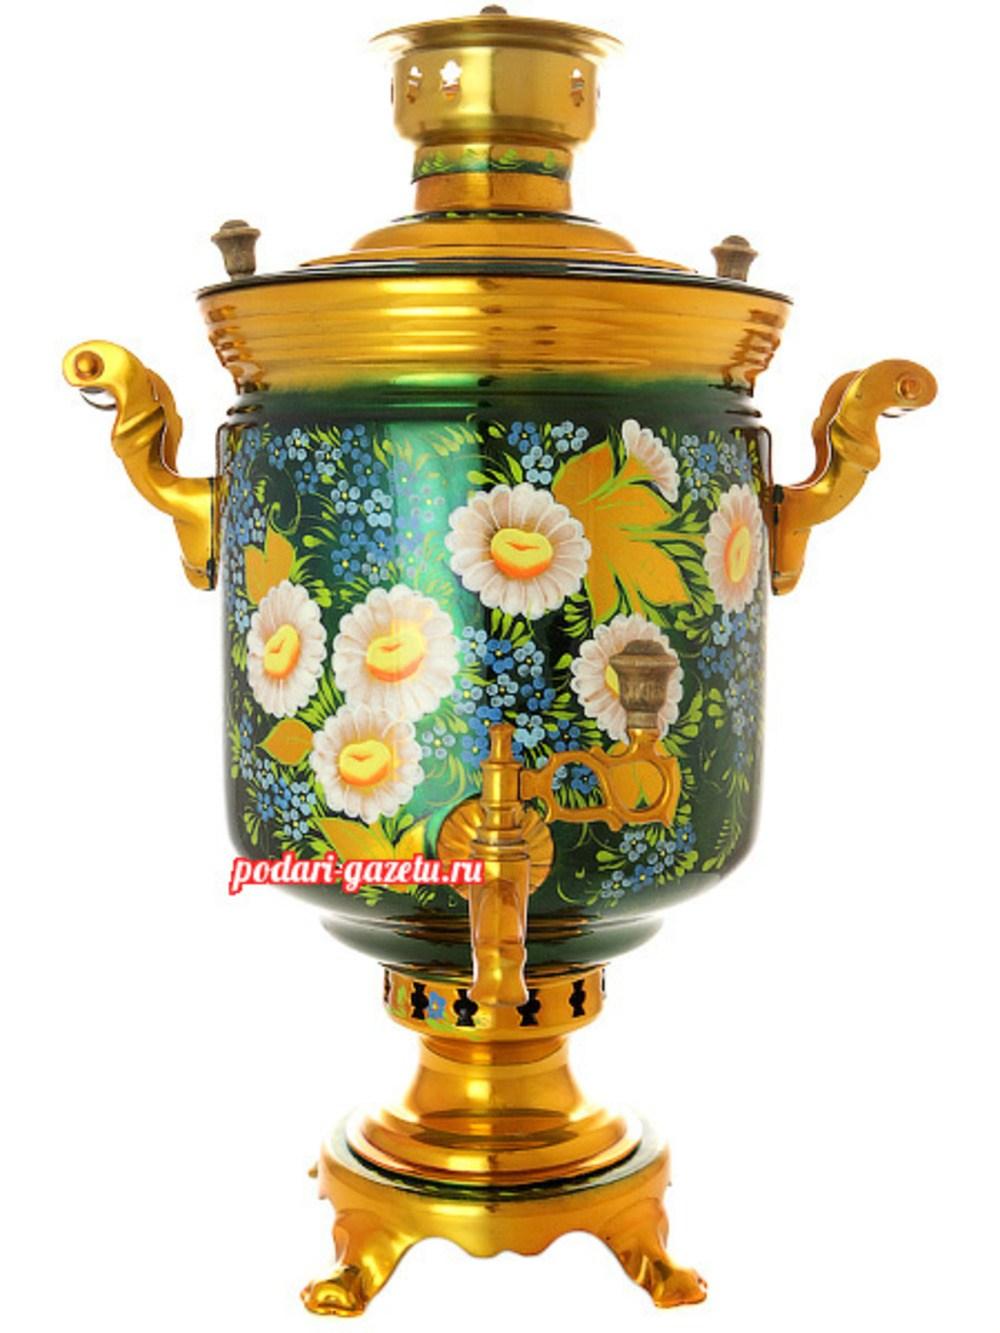 Тульский угольный самовар (жаровый, дровяной) на 7 литров цилиндр с художественной росписью Ромашки на зеленом фоне